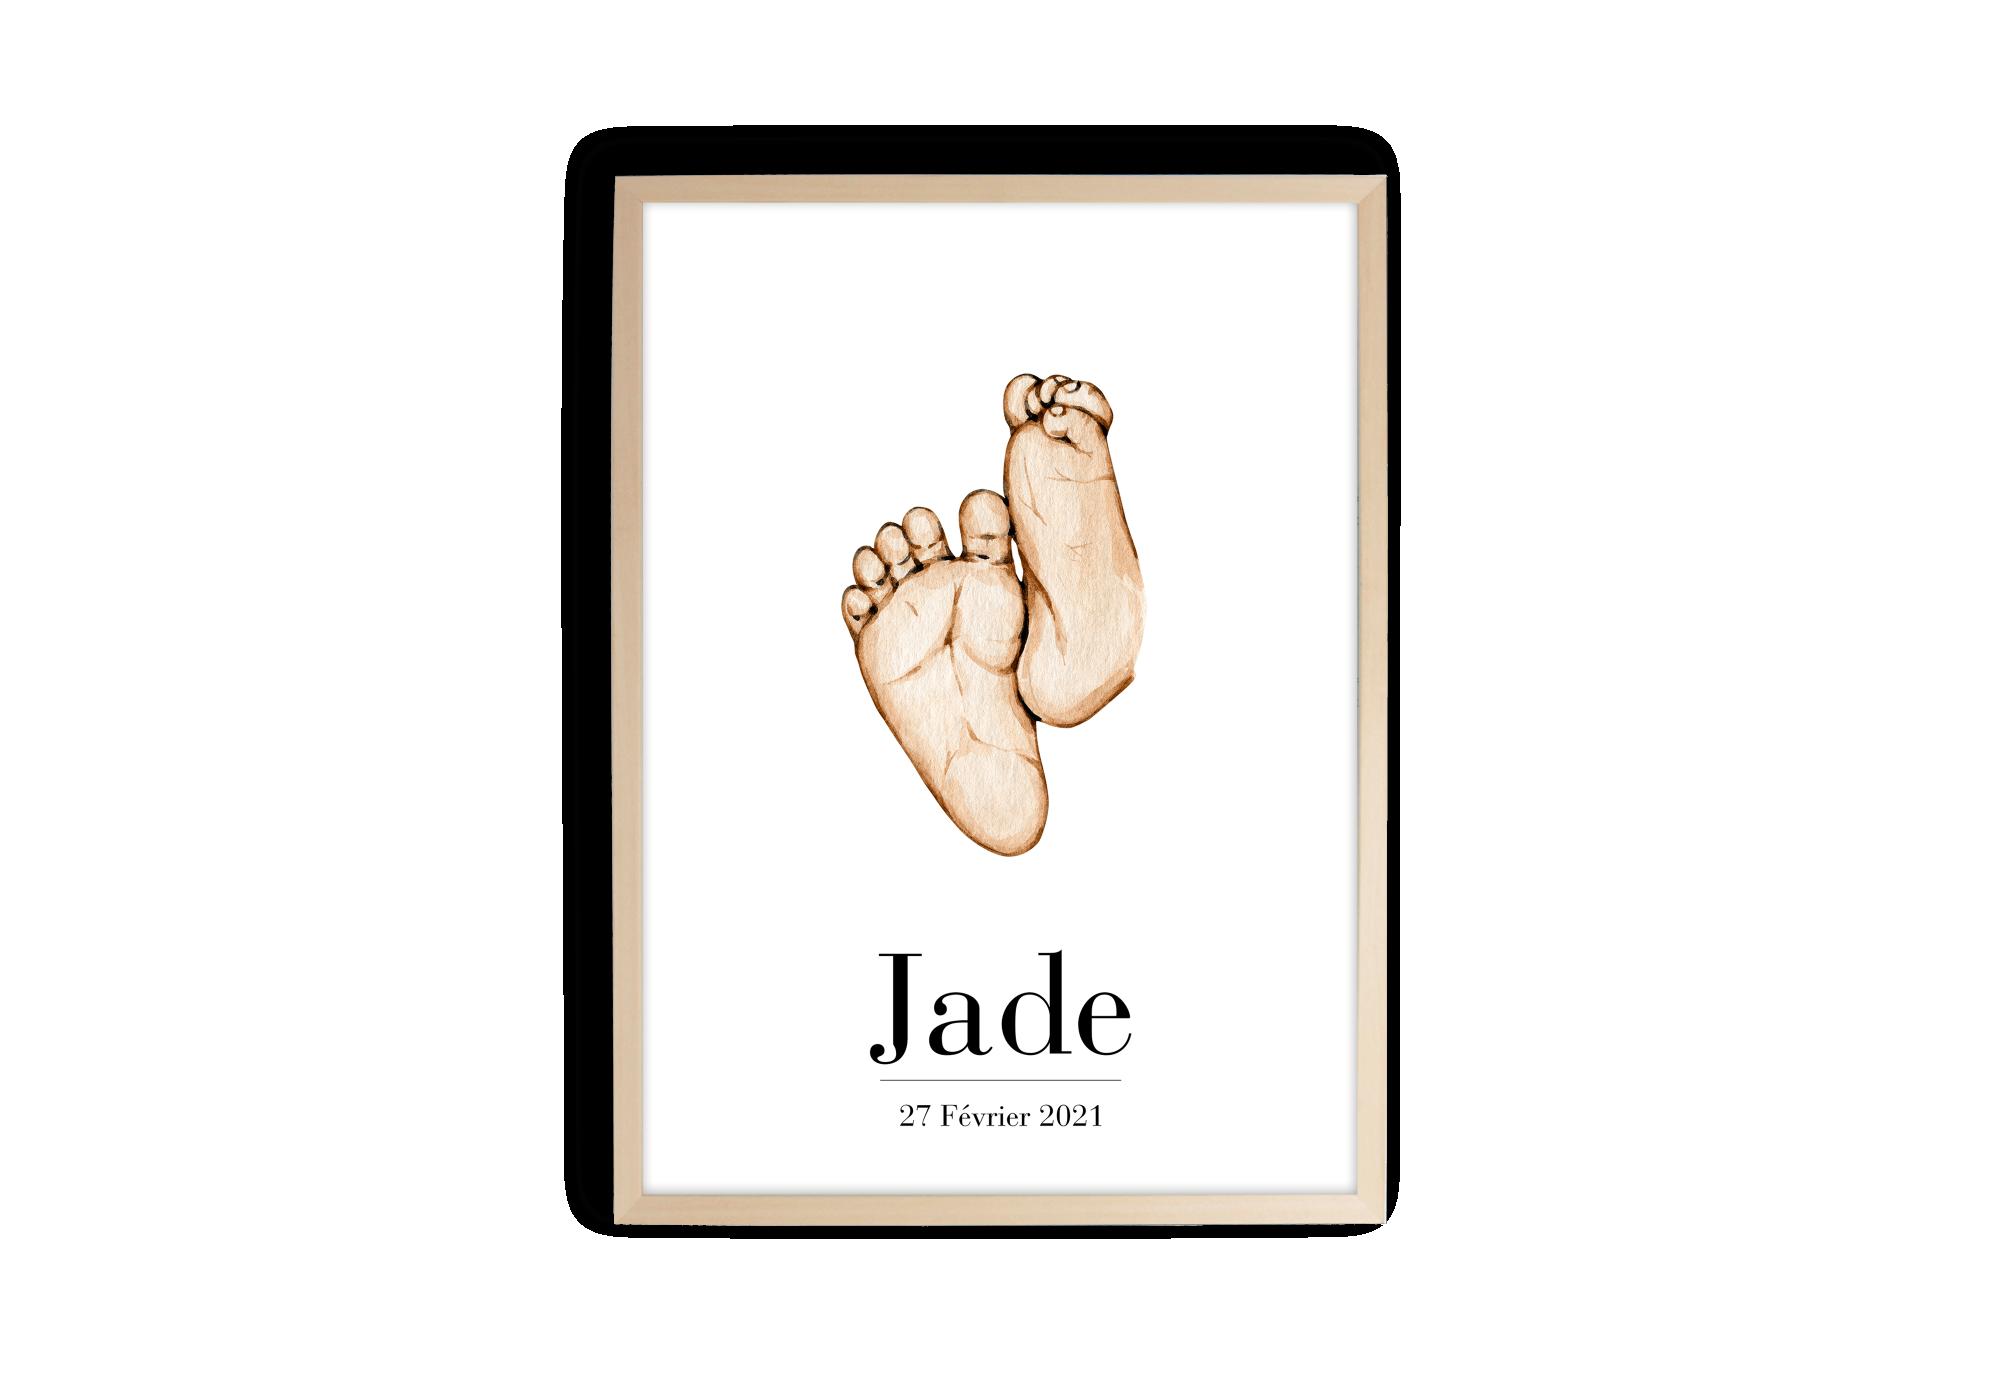 Affiche souvenir de naissance avec personnalisation de la date et du prénom.